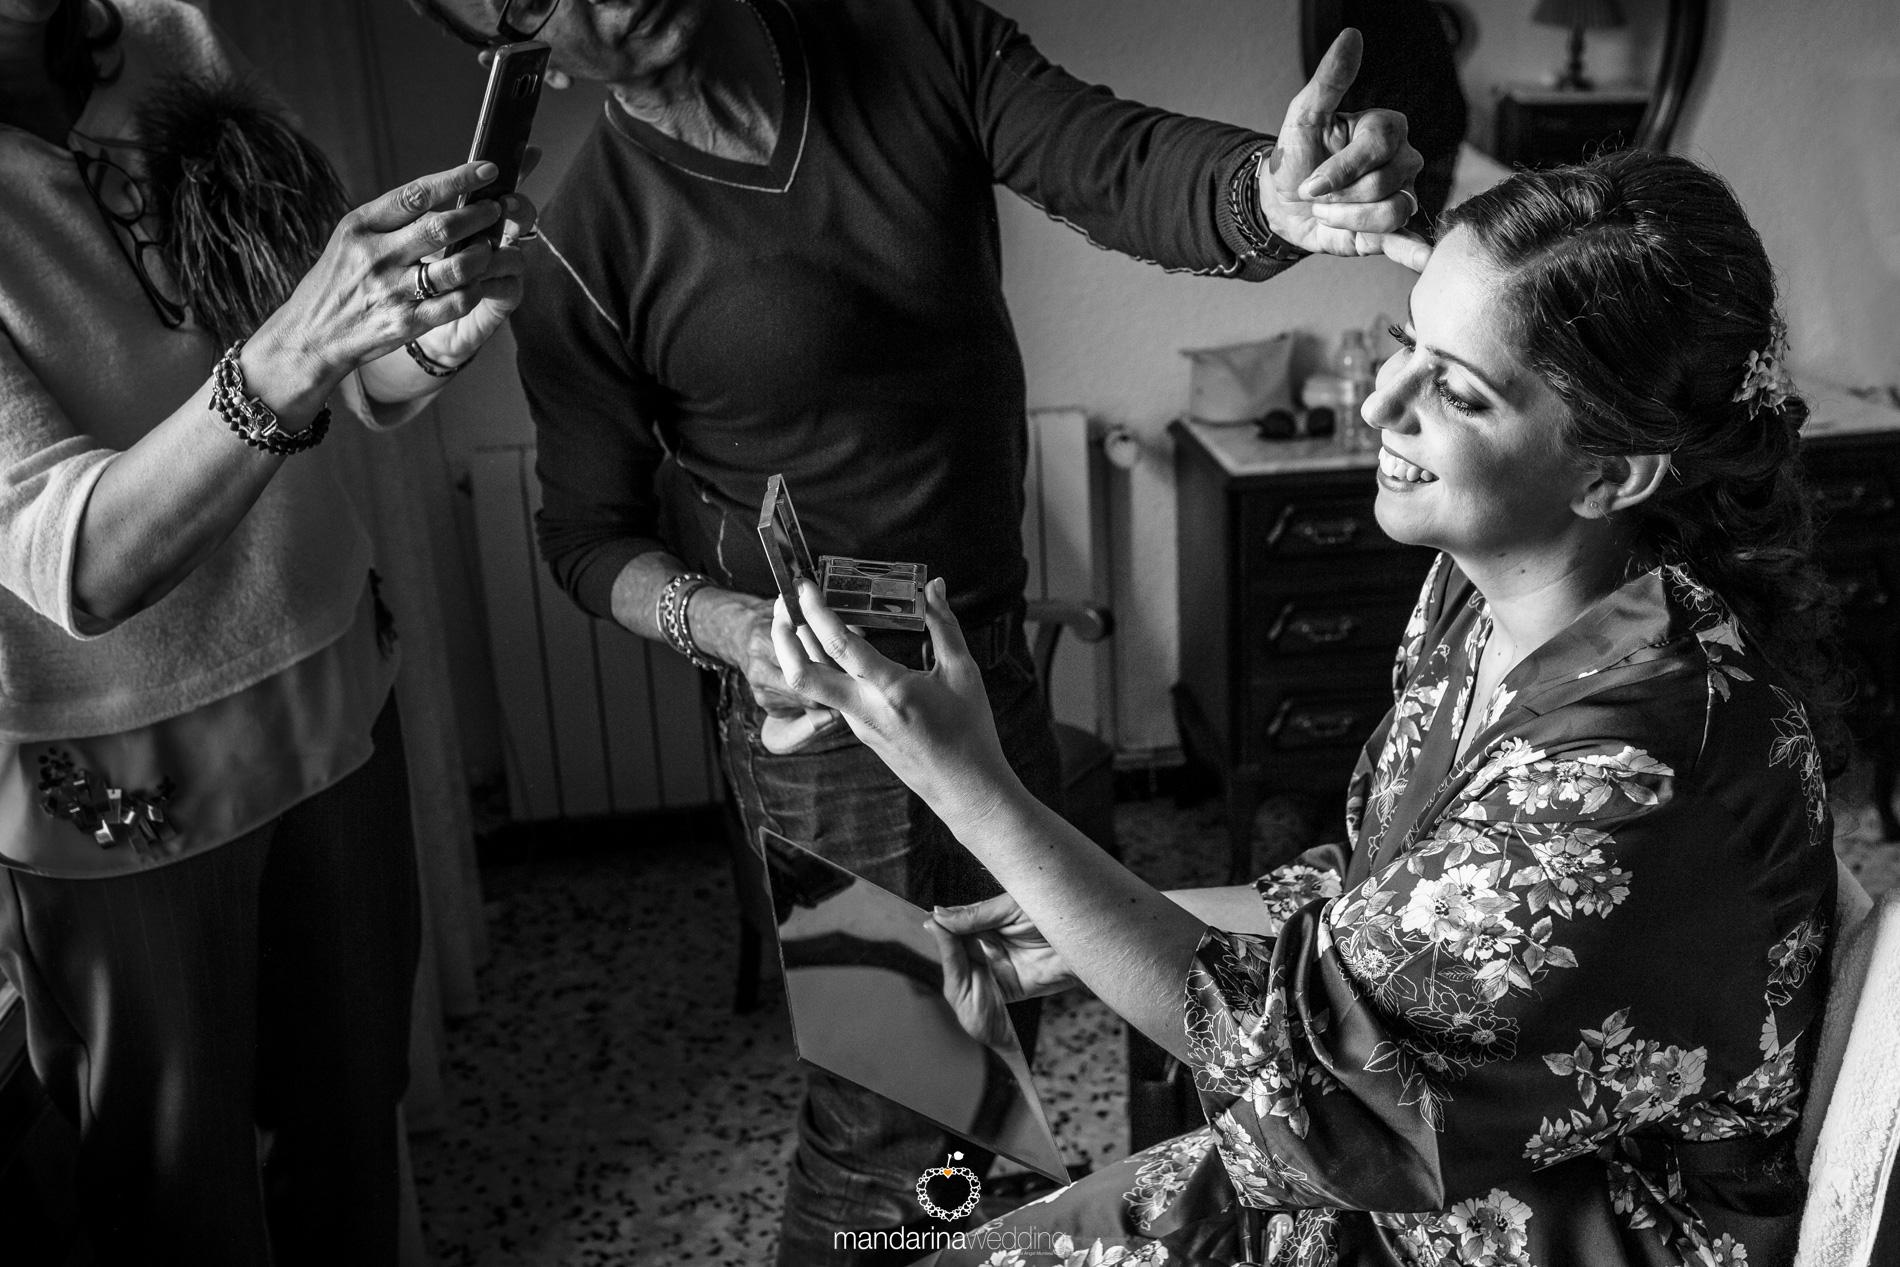 mandarina wedding, fotografo de boda, fotografo boda soria, fotografo boda barcelona, fotografo boda Madrid, fotografo boda lerida, fotografo boda Huesca, fotografo de destino_019